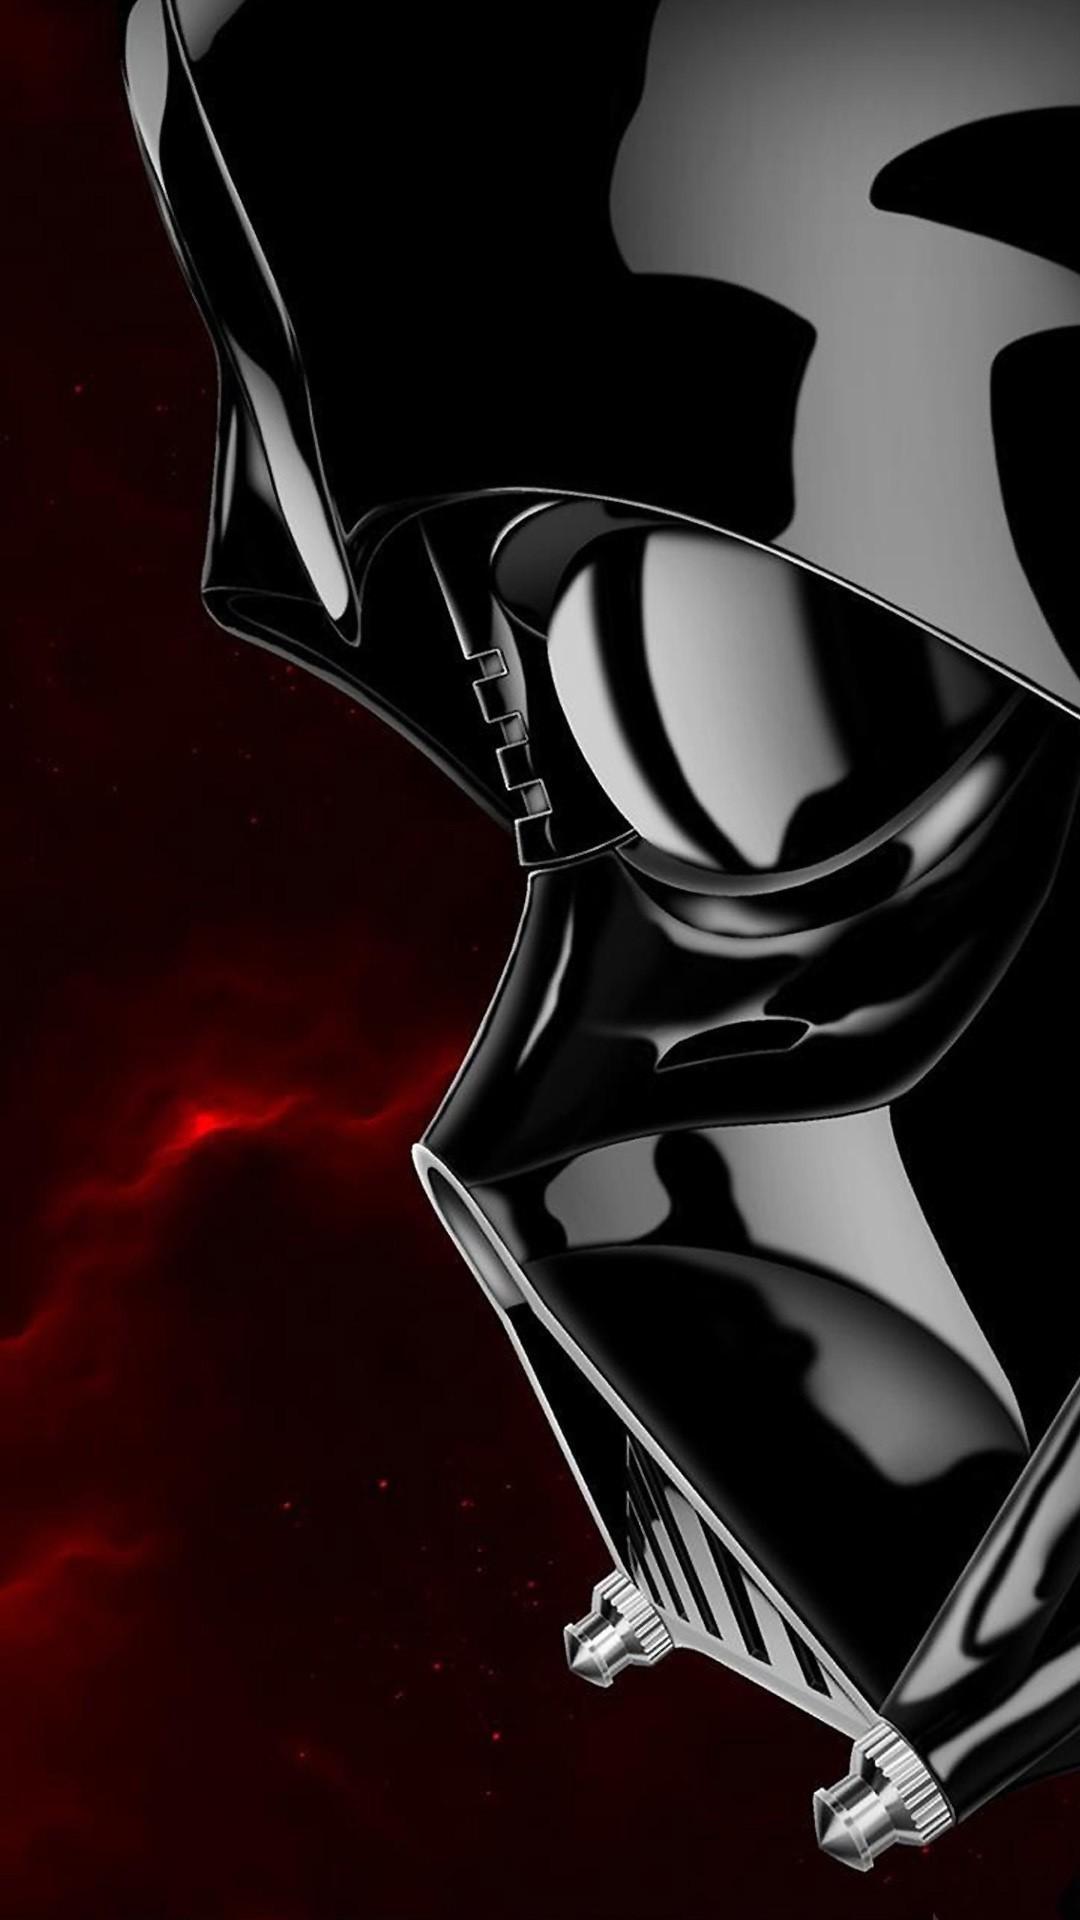 Dark Star Wars Phone Wallpapers Wallpaper Cave